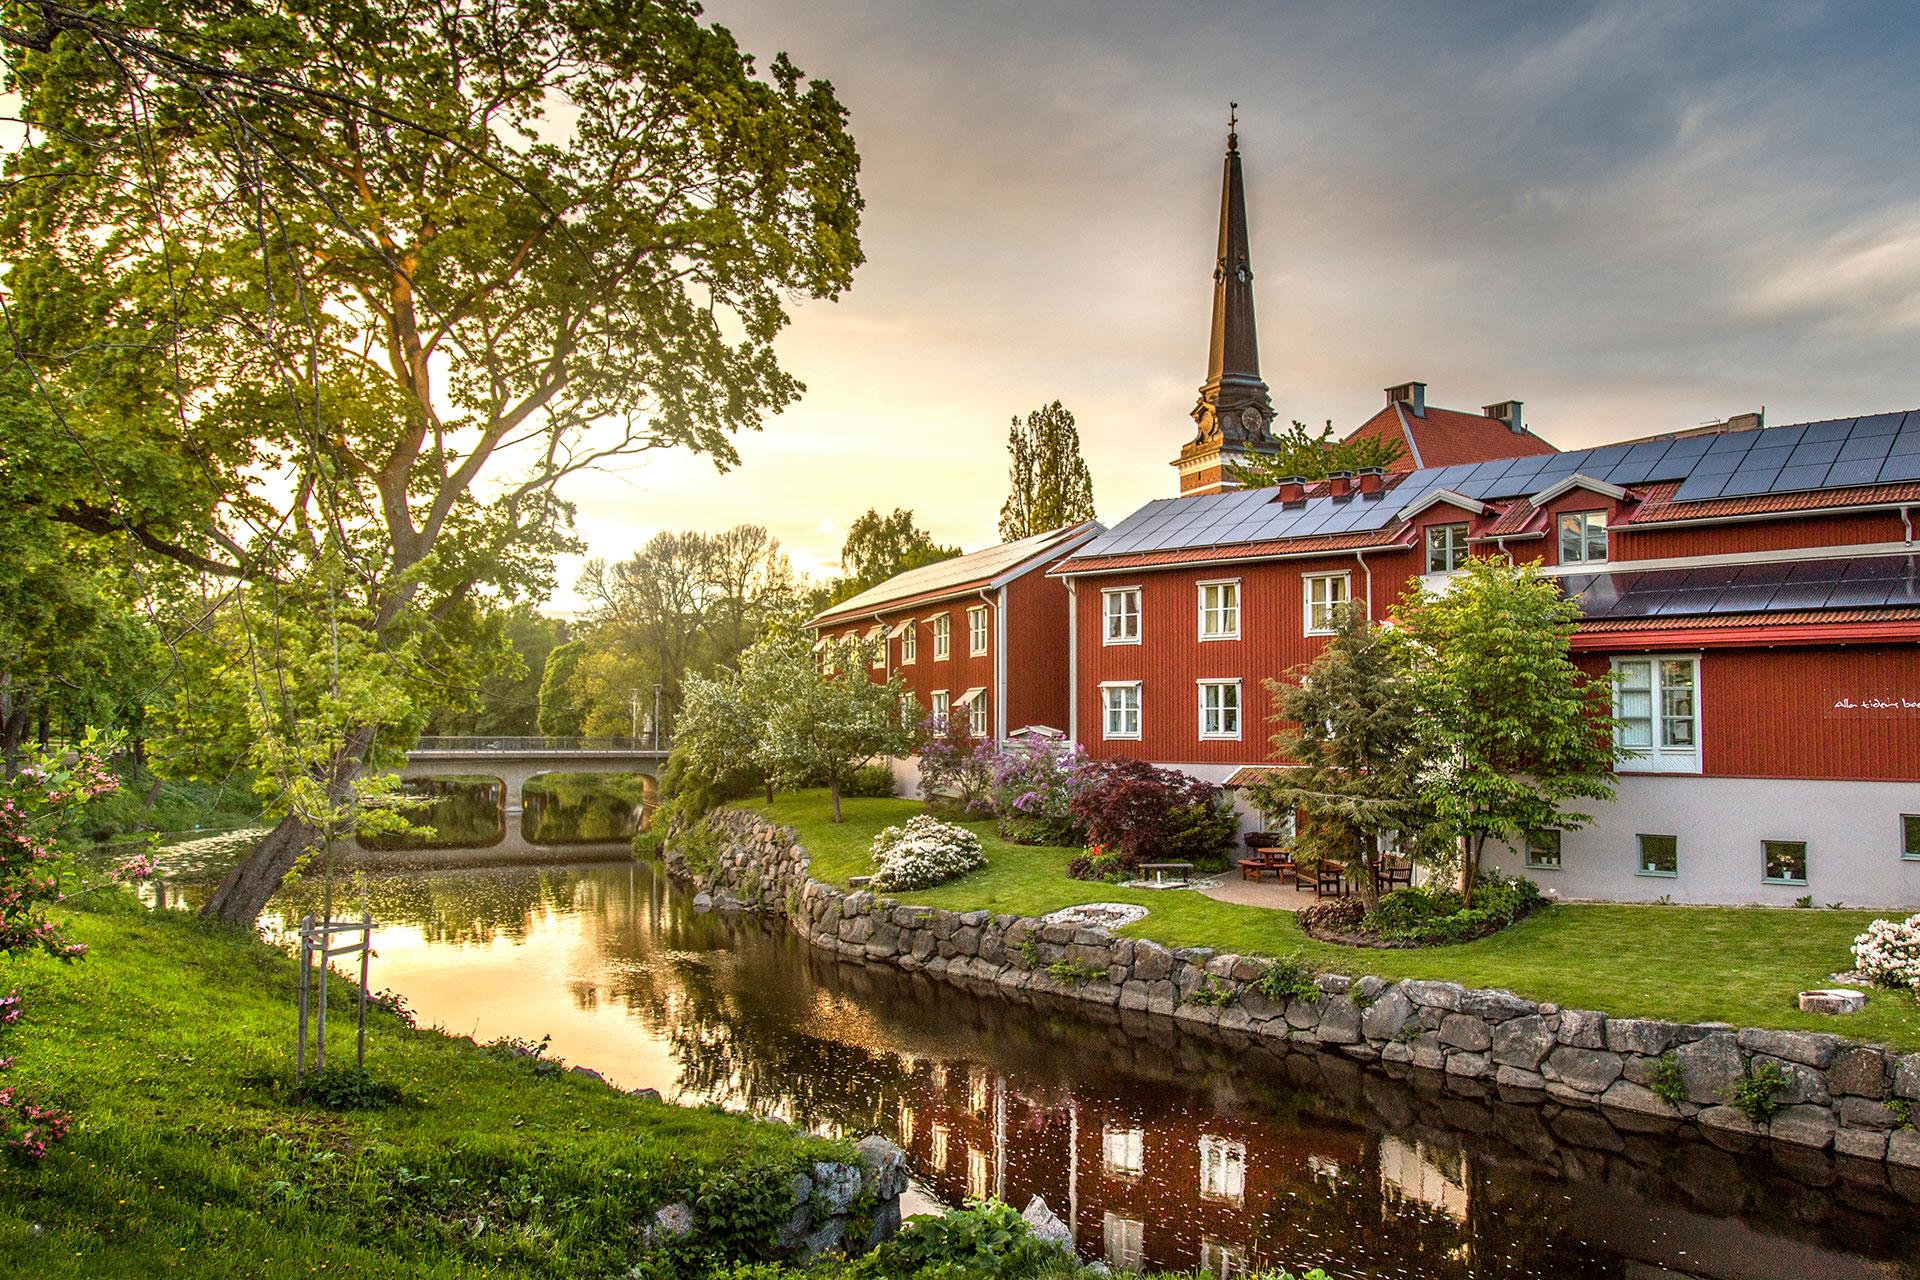 Svartån i Västerås. Fotograf: Avig Photo